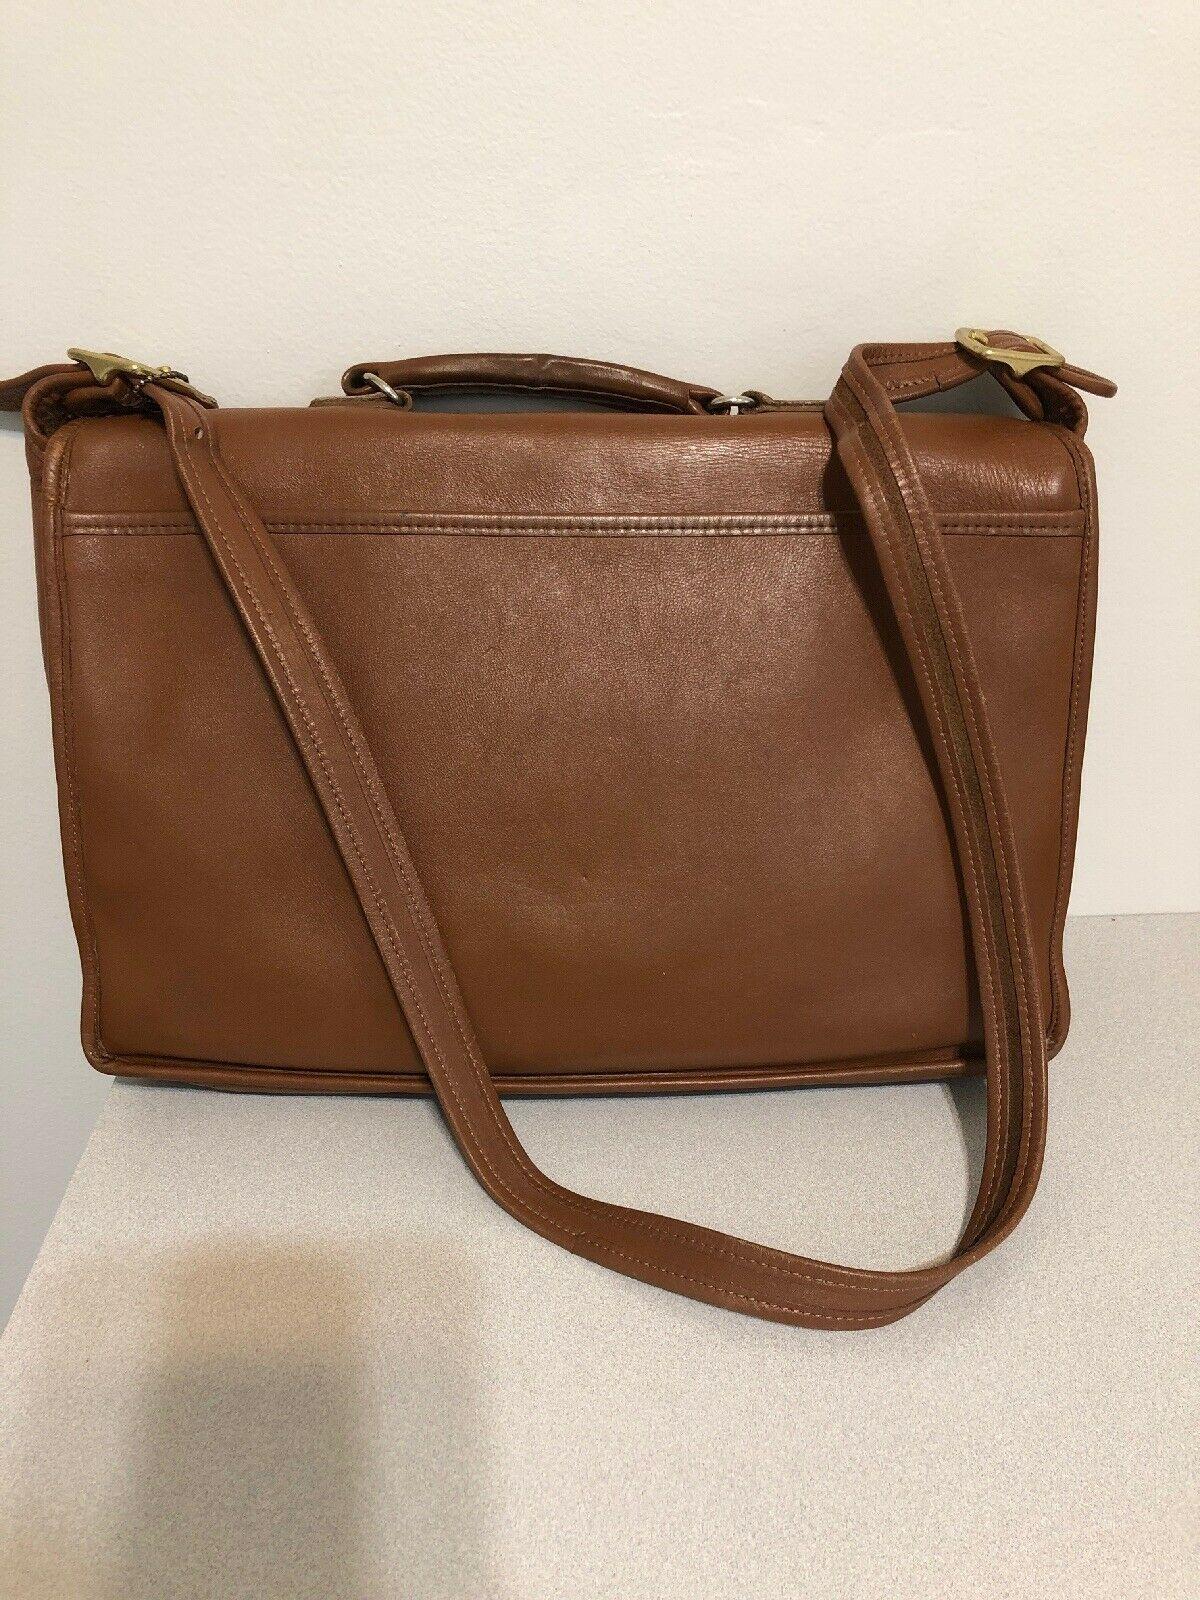 Vintage COACH L6C- 5180 Metropolitan Leather Messenger Attache Tan image 5